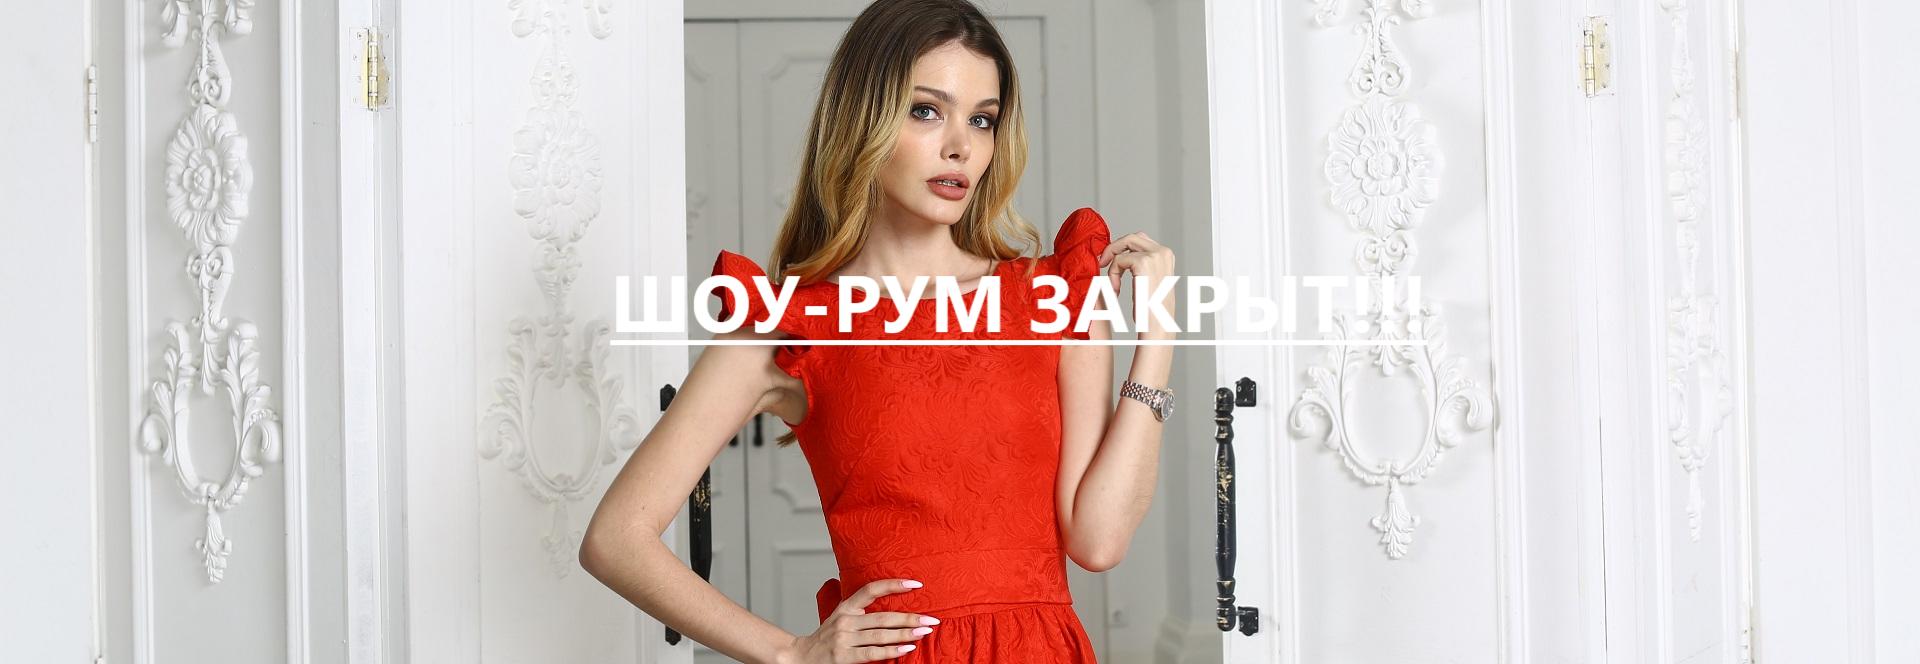 f7a75c4a7d0 Интернет магазин платьев от Российских дизайнеров. Купить платье от ...